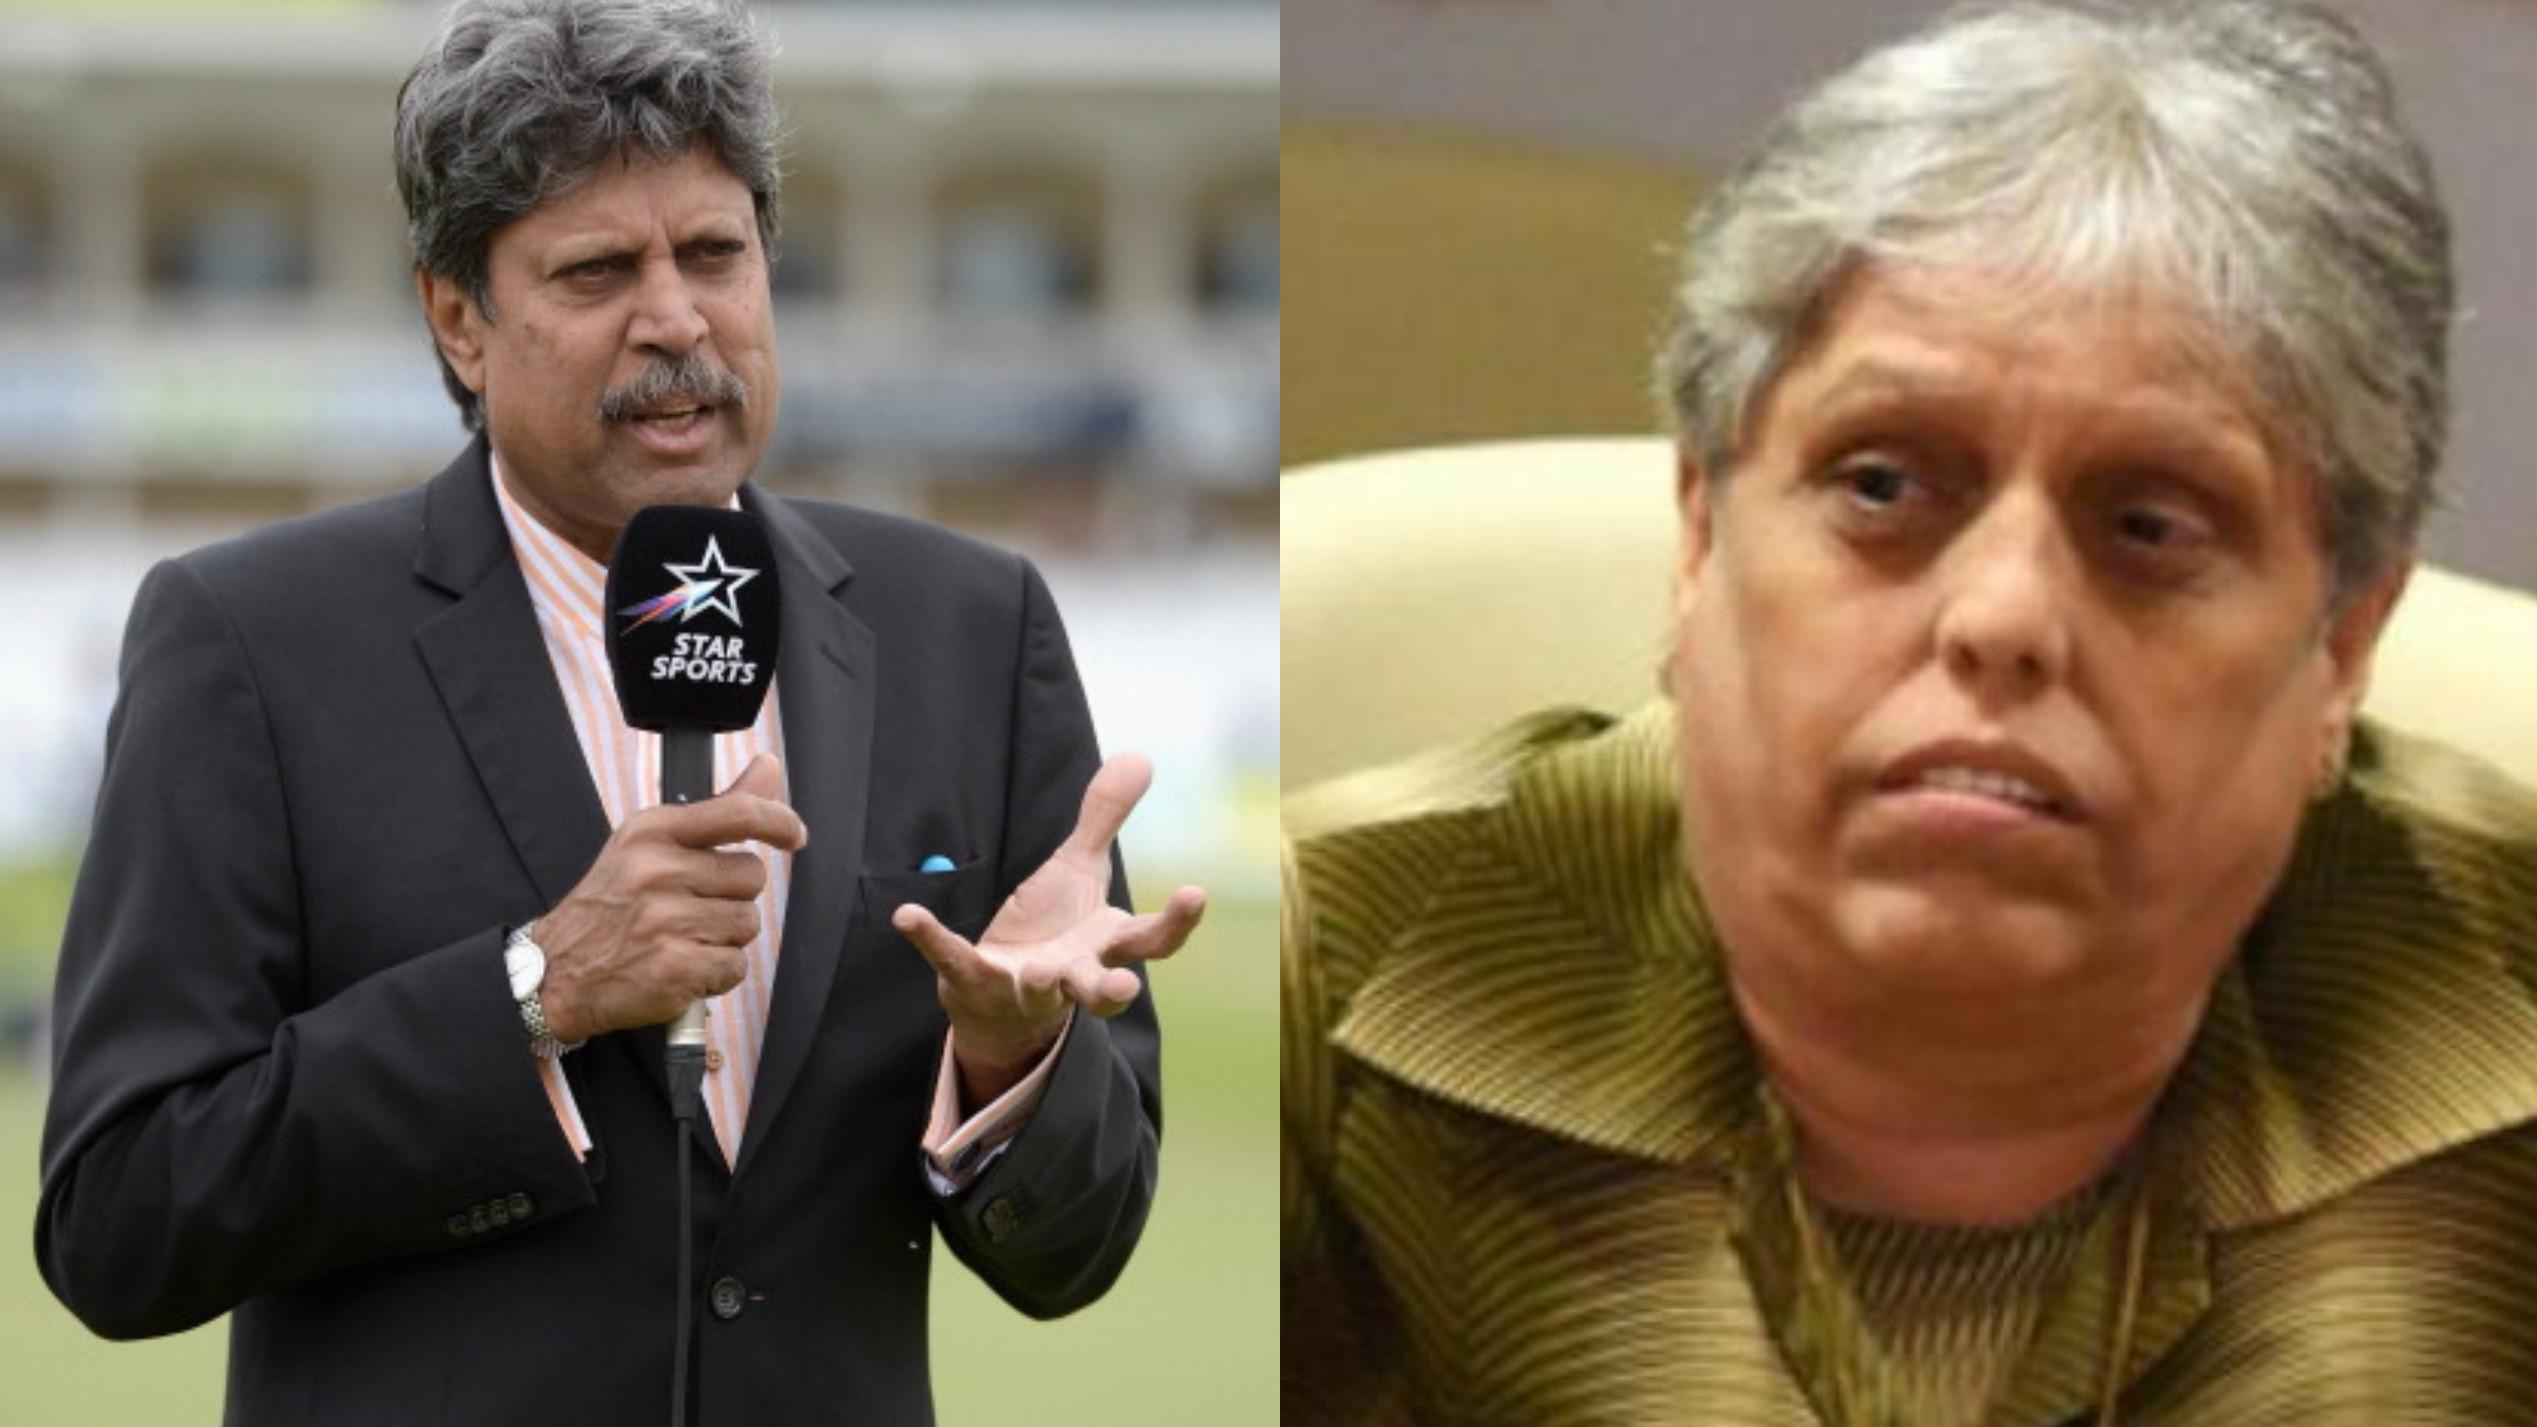 कपिल देव ने डायना एडुलजी पर निशाना साधते हुए कहा महिला क्रिकेट के विकास में व्यक्तिगत अहम को रोड़ा नहीं बनना चाहिए